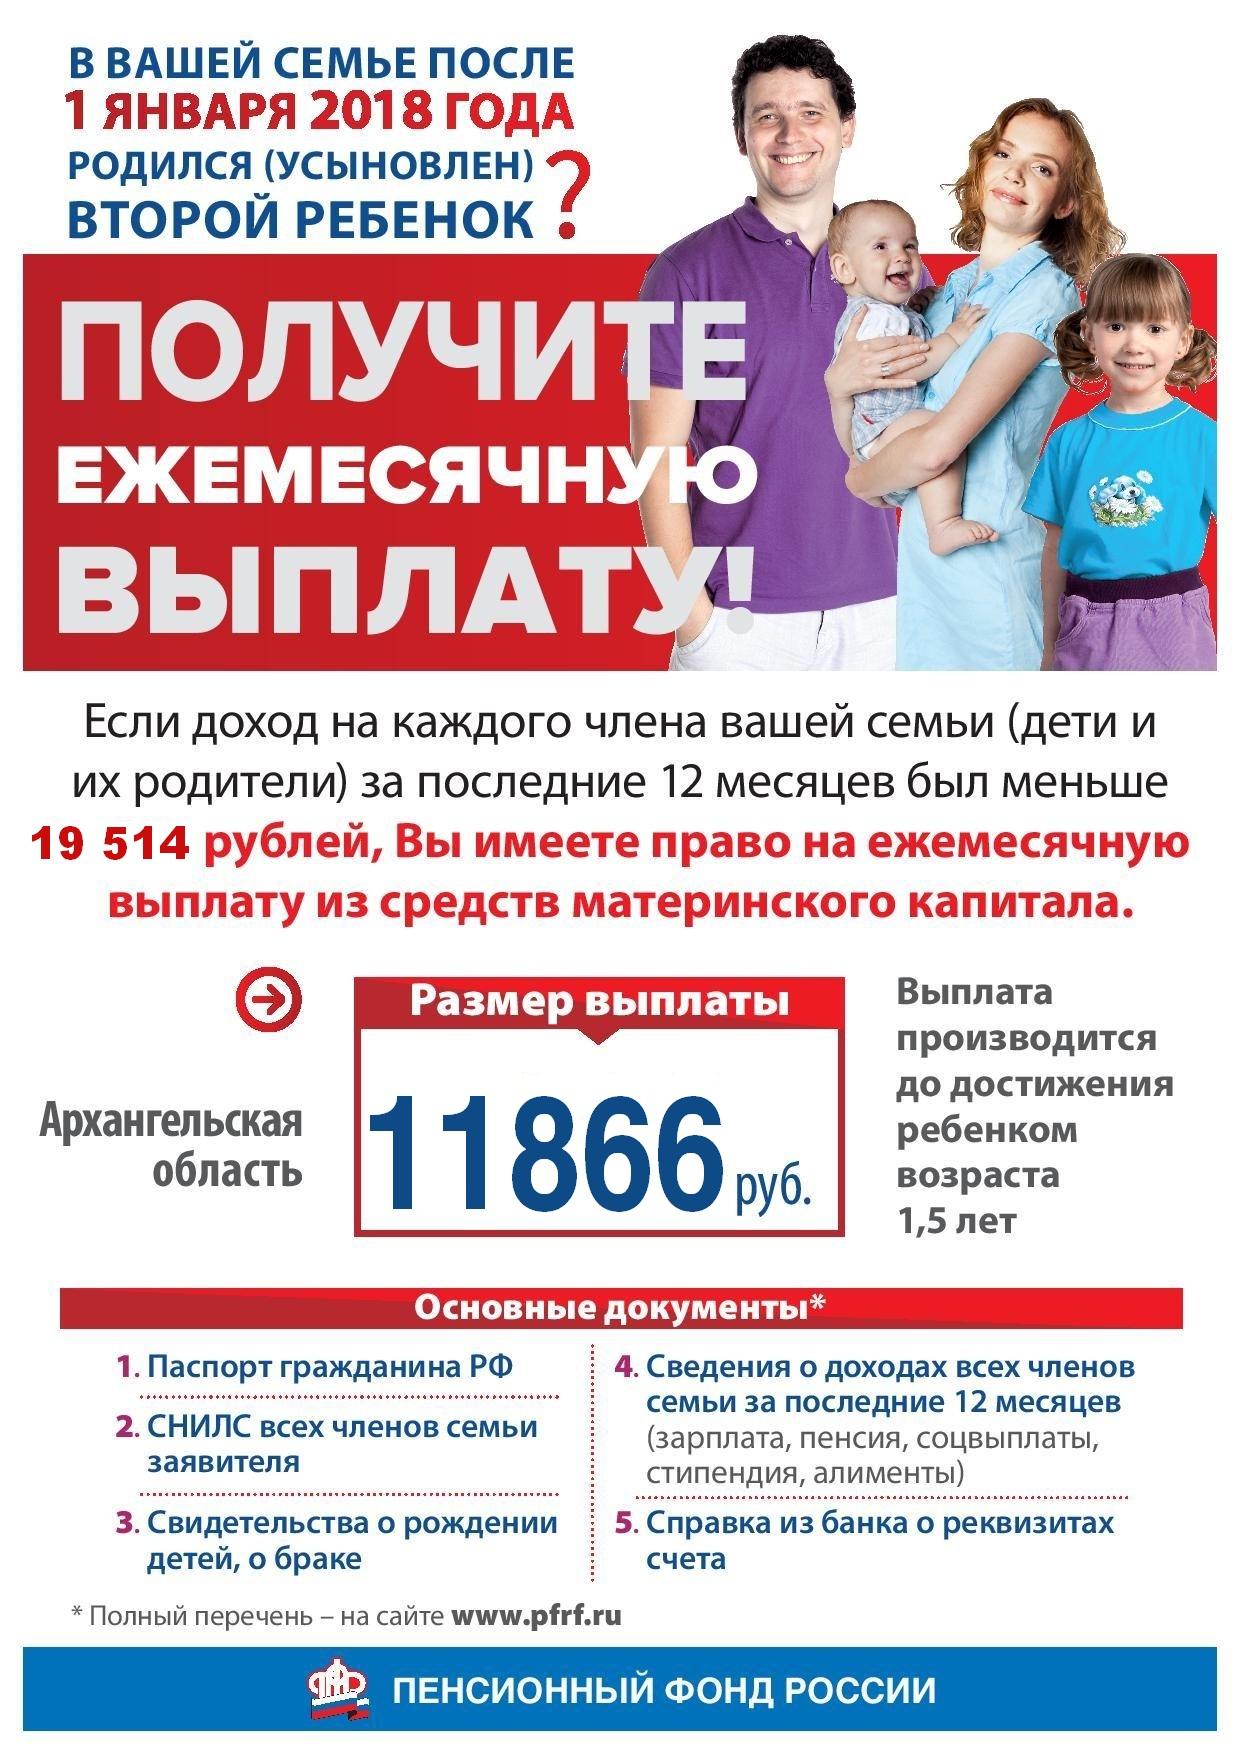 vyplata-iz-sredstv-materinskogo-kapitala-2